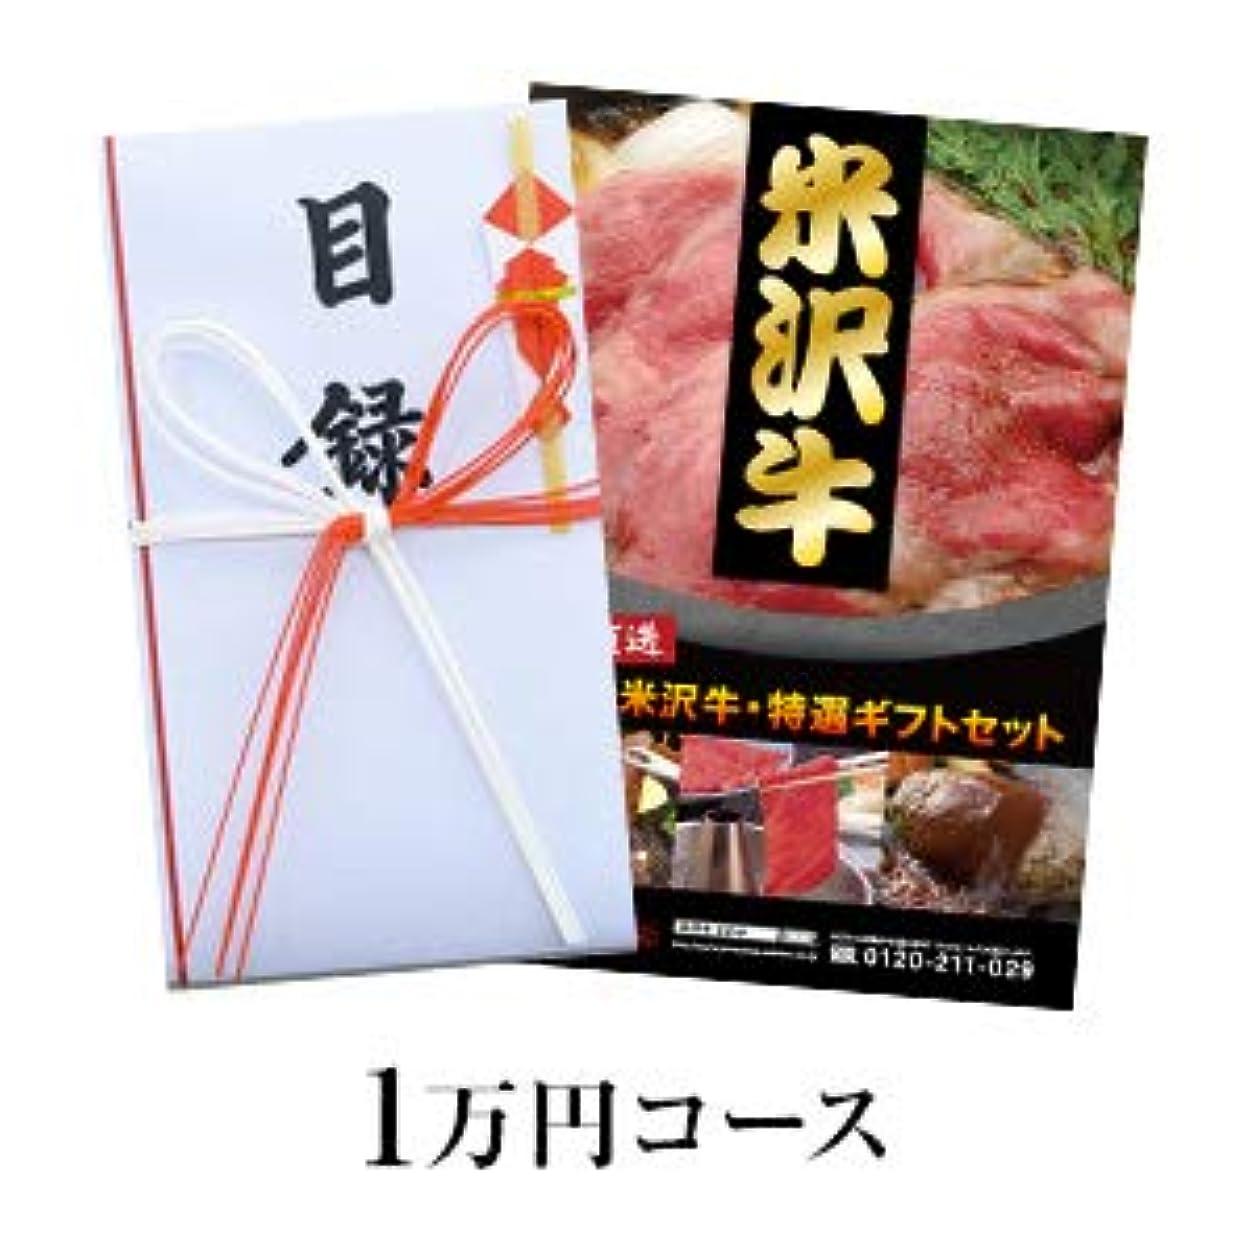 収束最後のマイコン米沢牛 景品目録セット 1万円コース